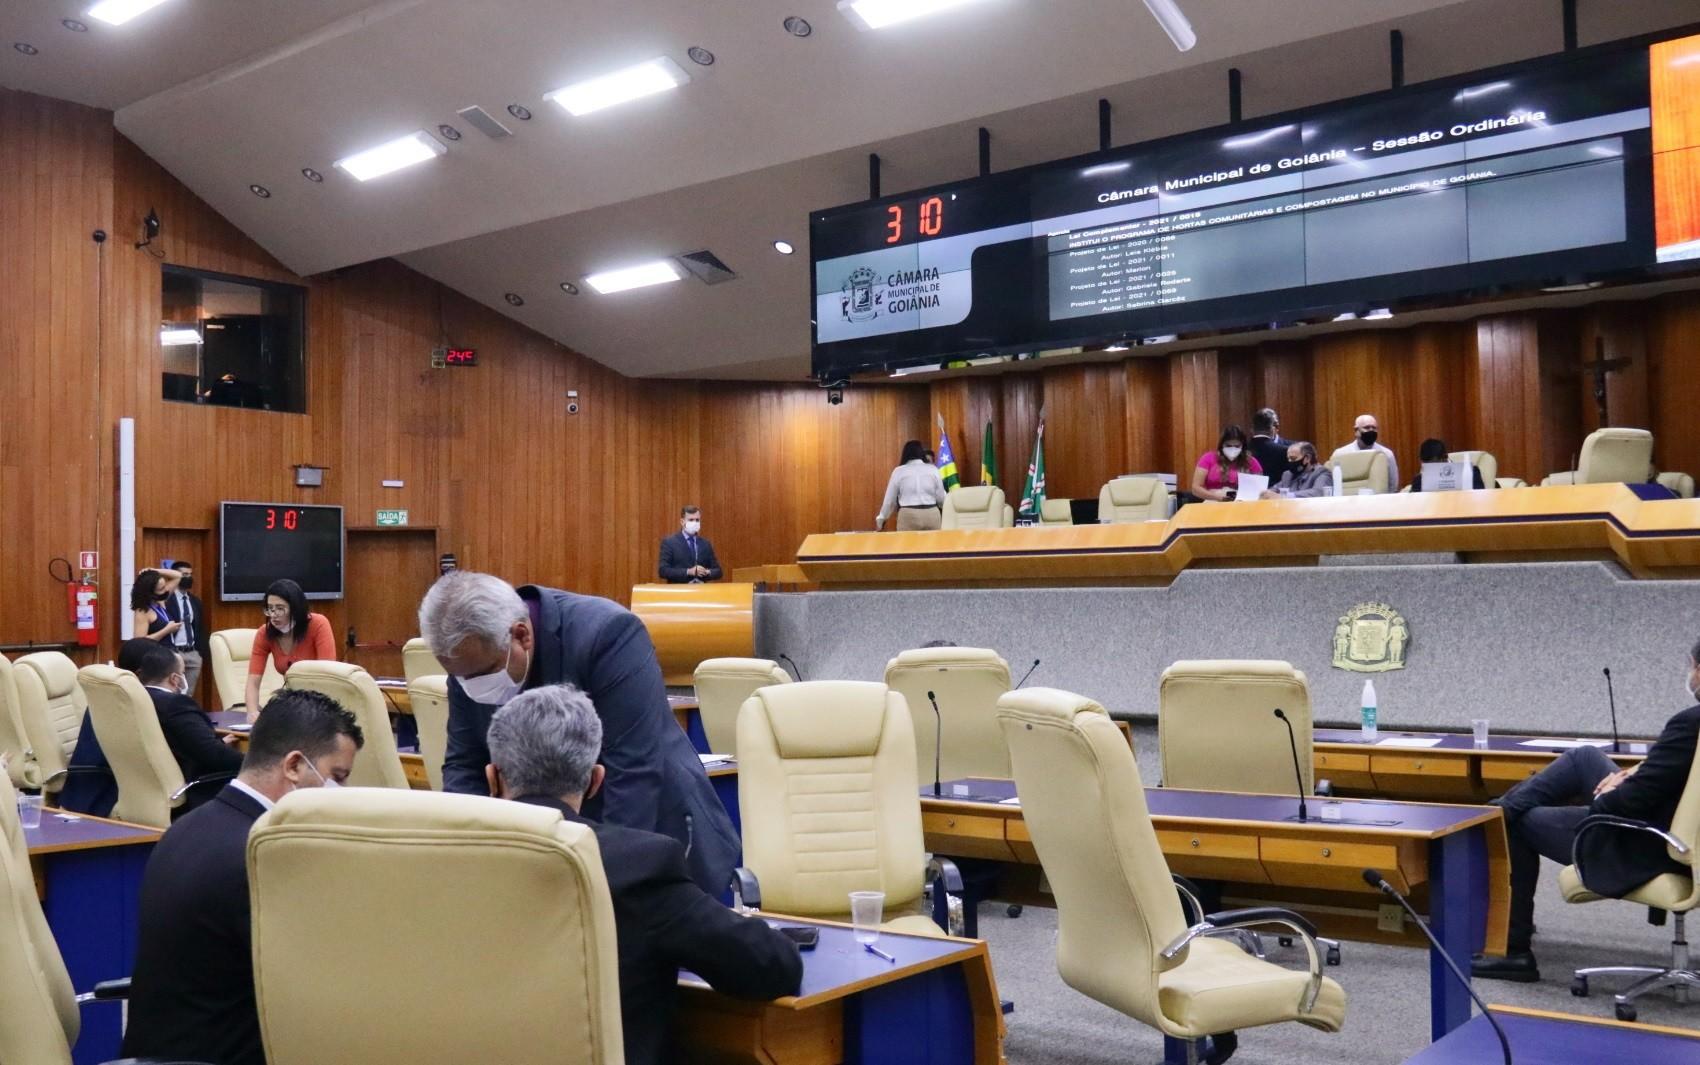 Vereadores de Goiânia aprovam  projeto que aumenta verba de gabinete e cria 253 novos cargos comissionados